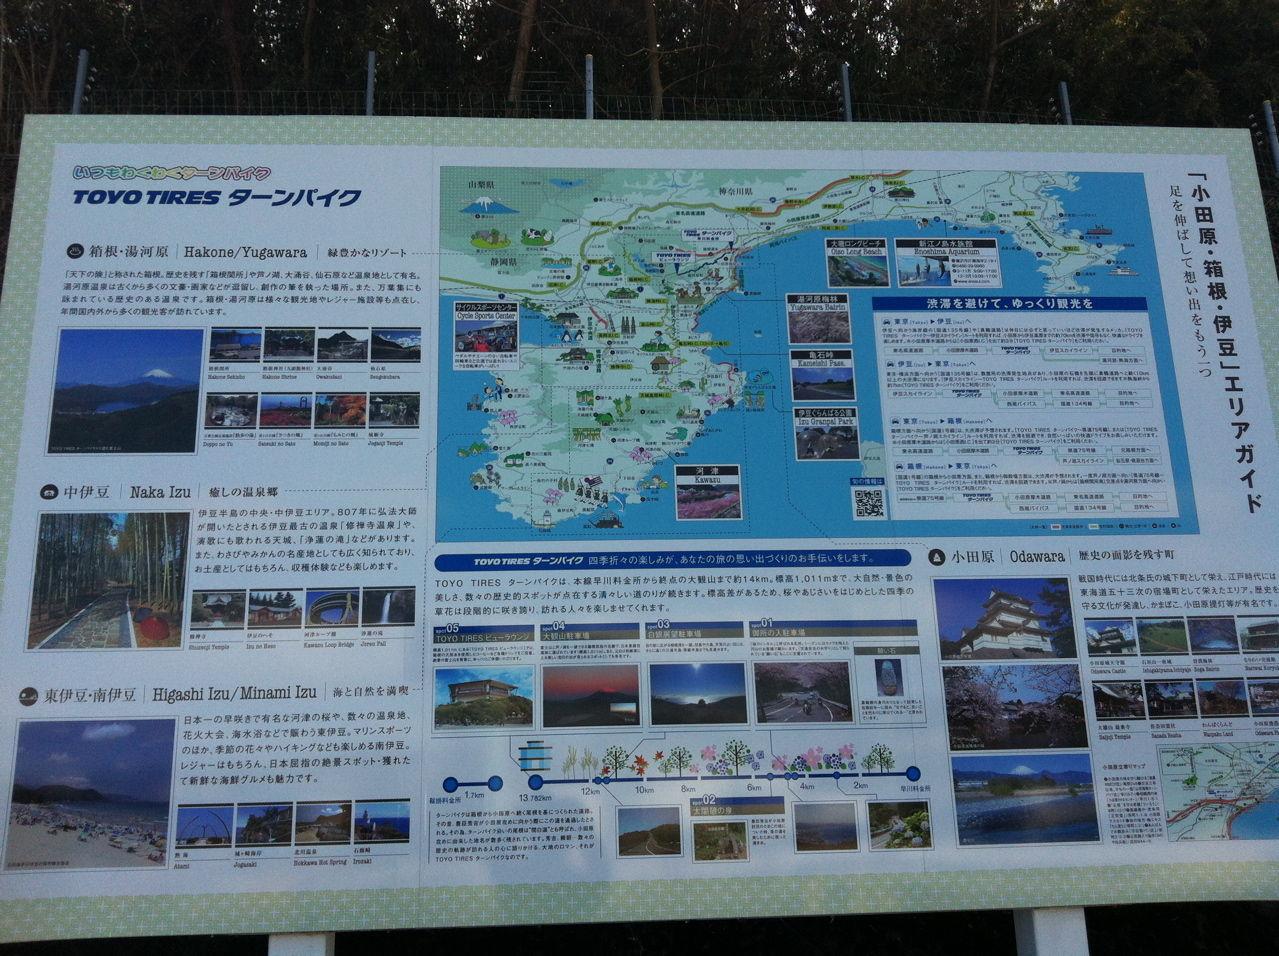 箱根ターンパイク案内図